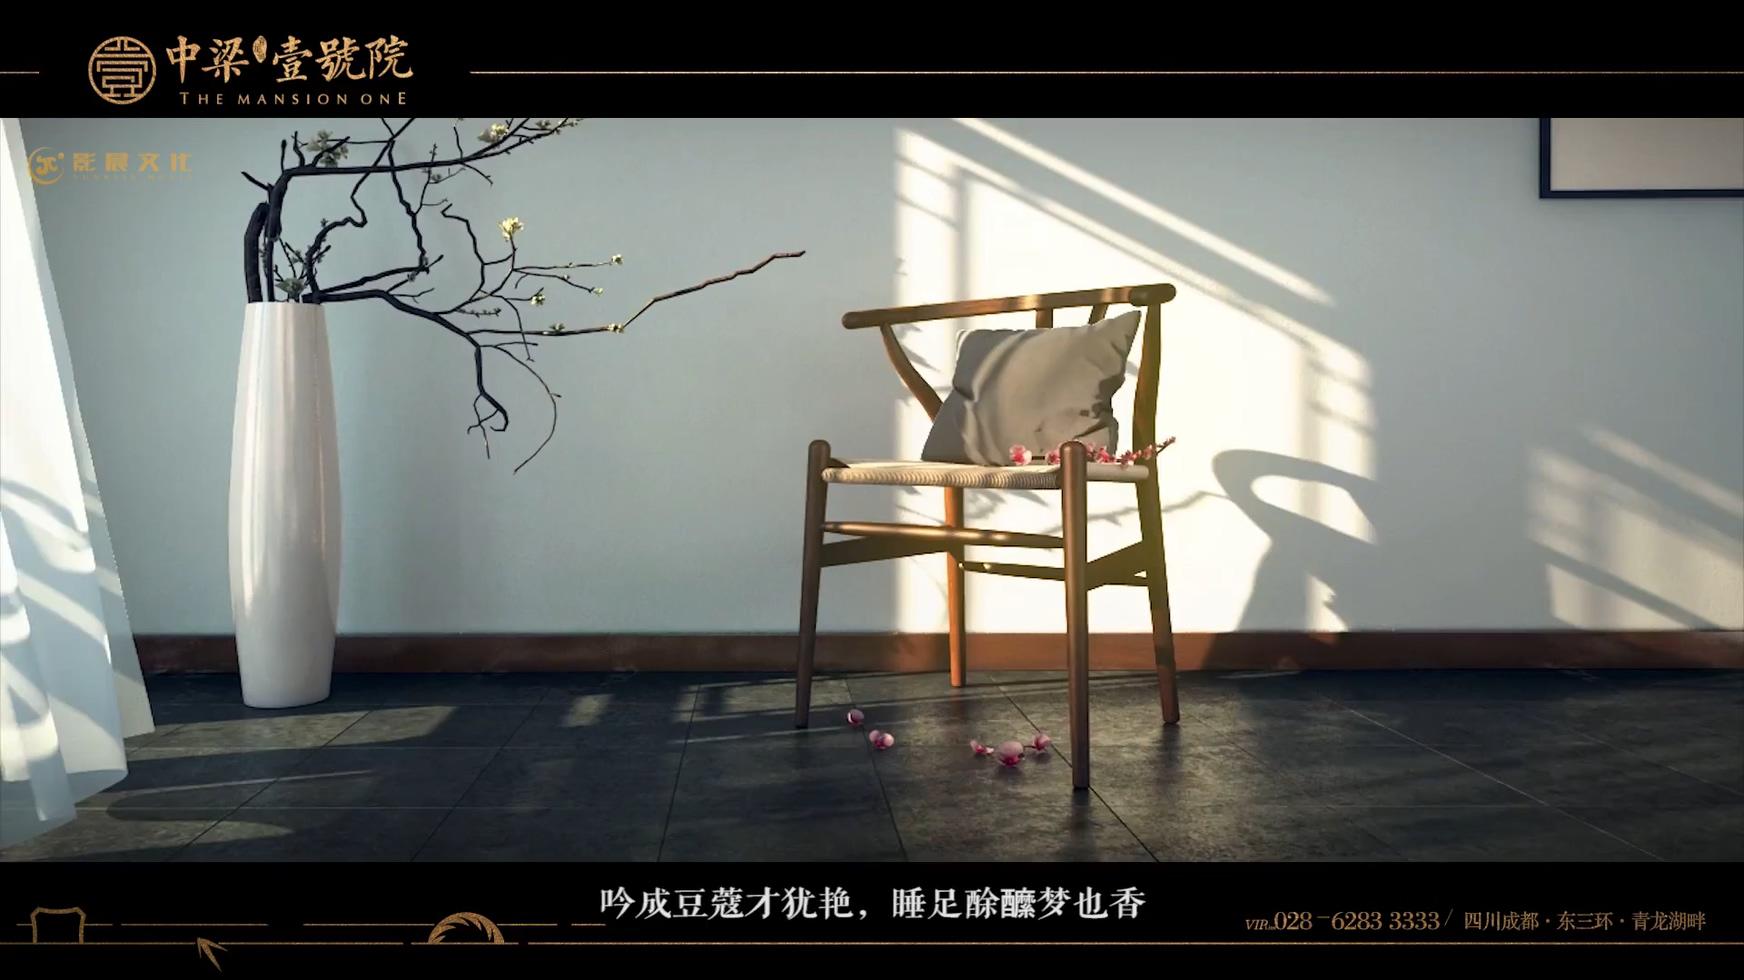 三维建筑动画案例-中梁·壹号院家中的宁静